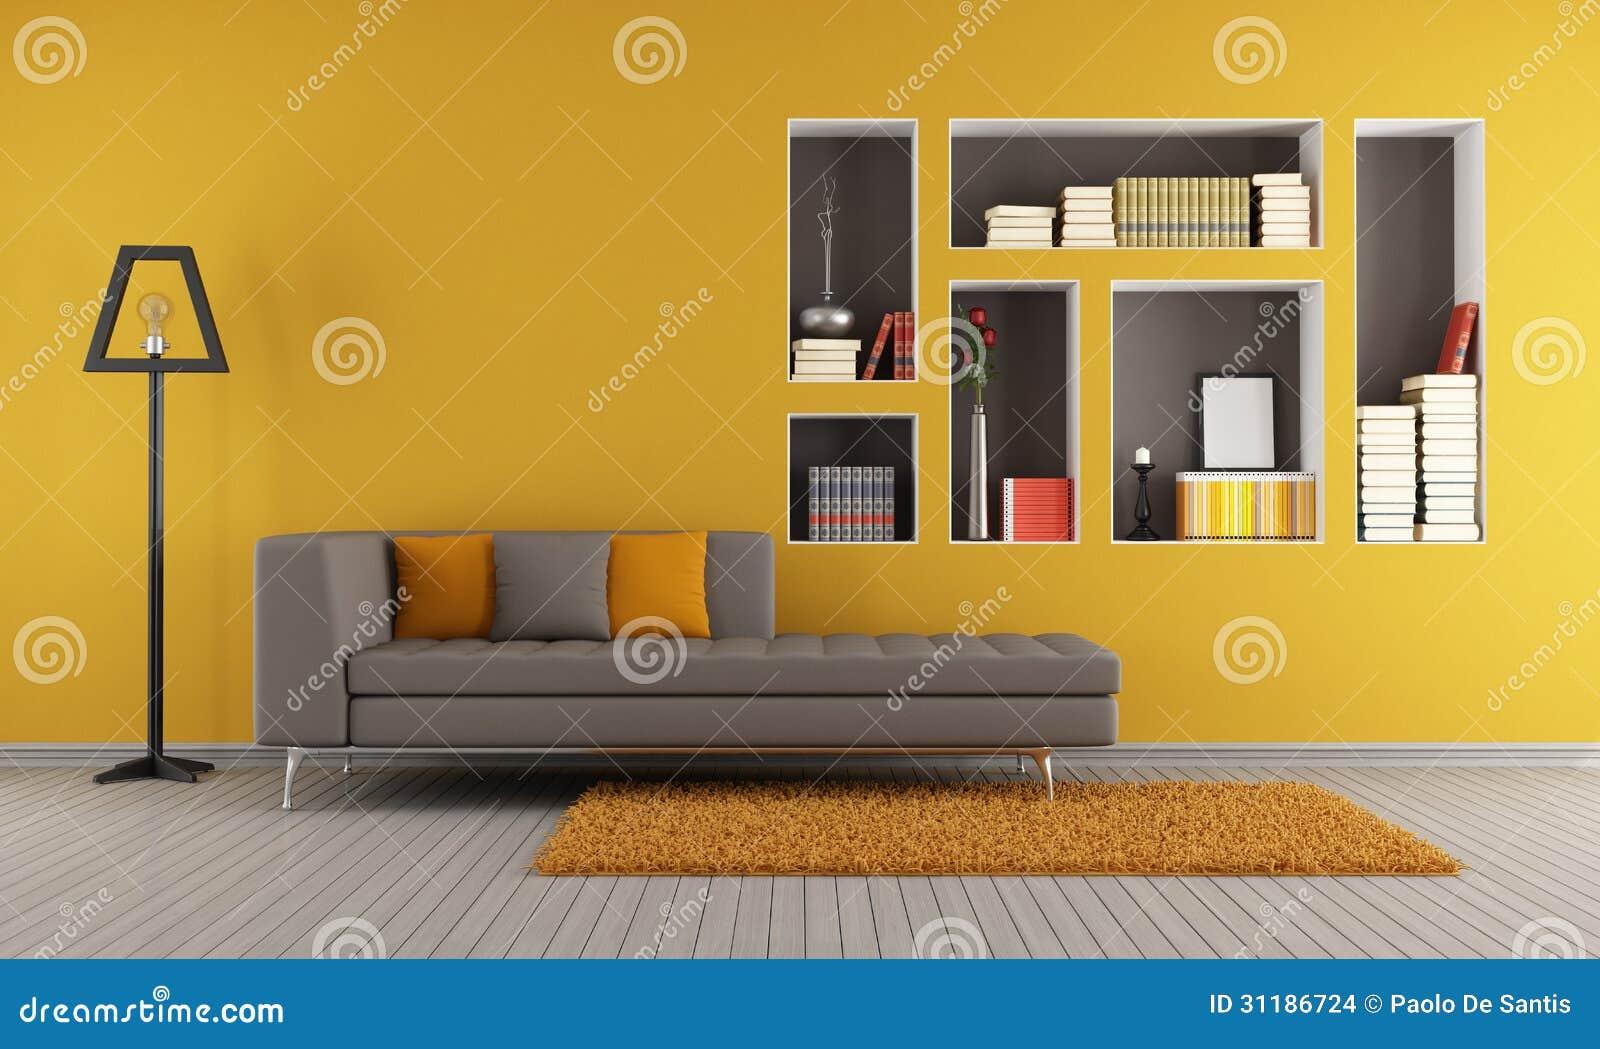 Kleurrijke woonkamer stock afbeeldingen afbeelding 31186724 - Afbeelding eigentijdse woonkamer ...